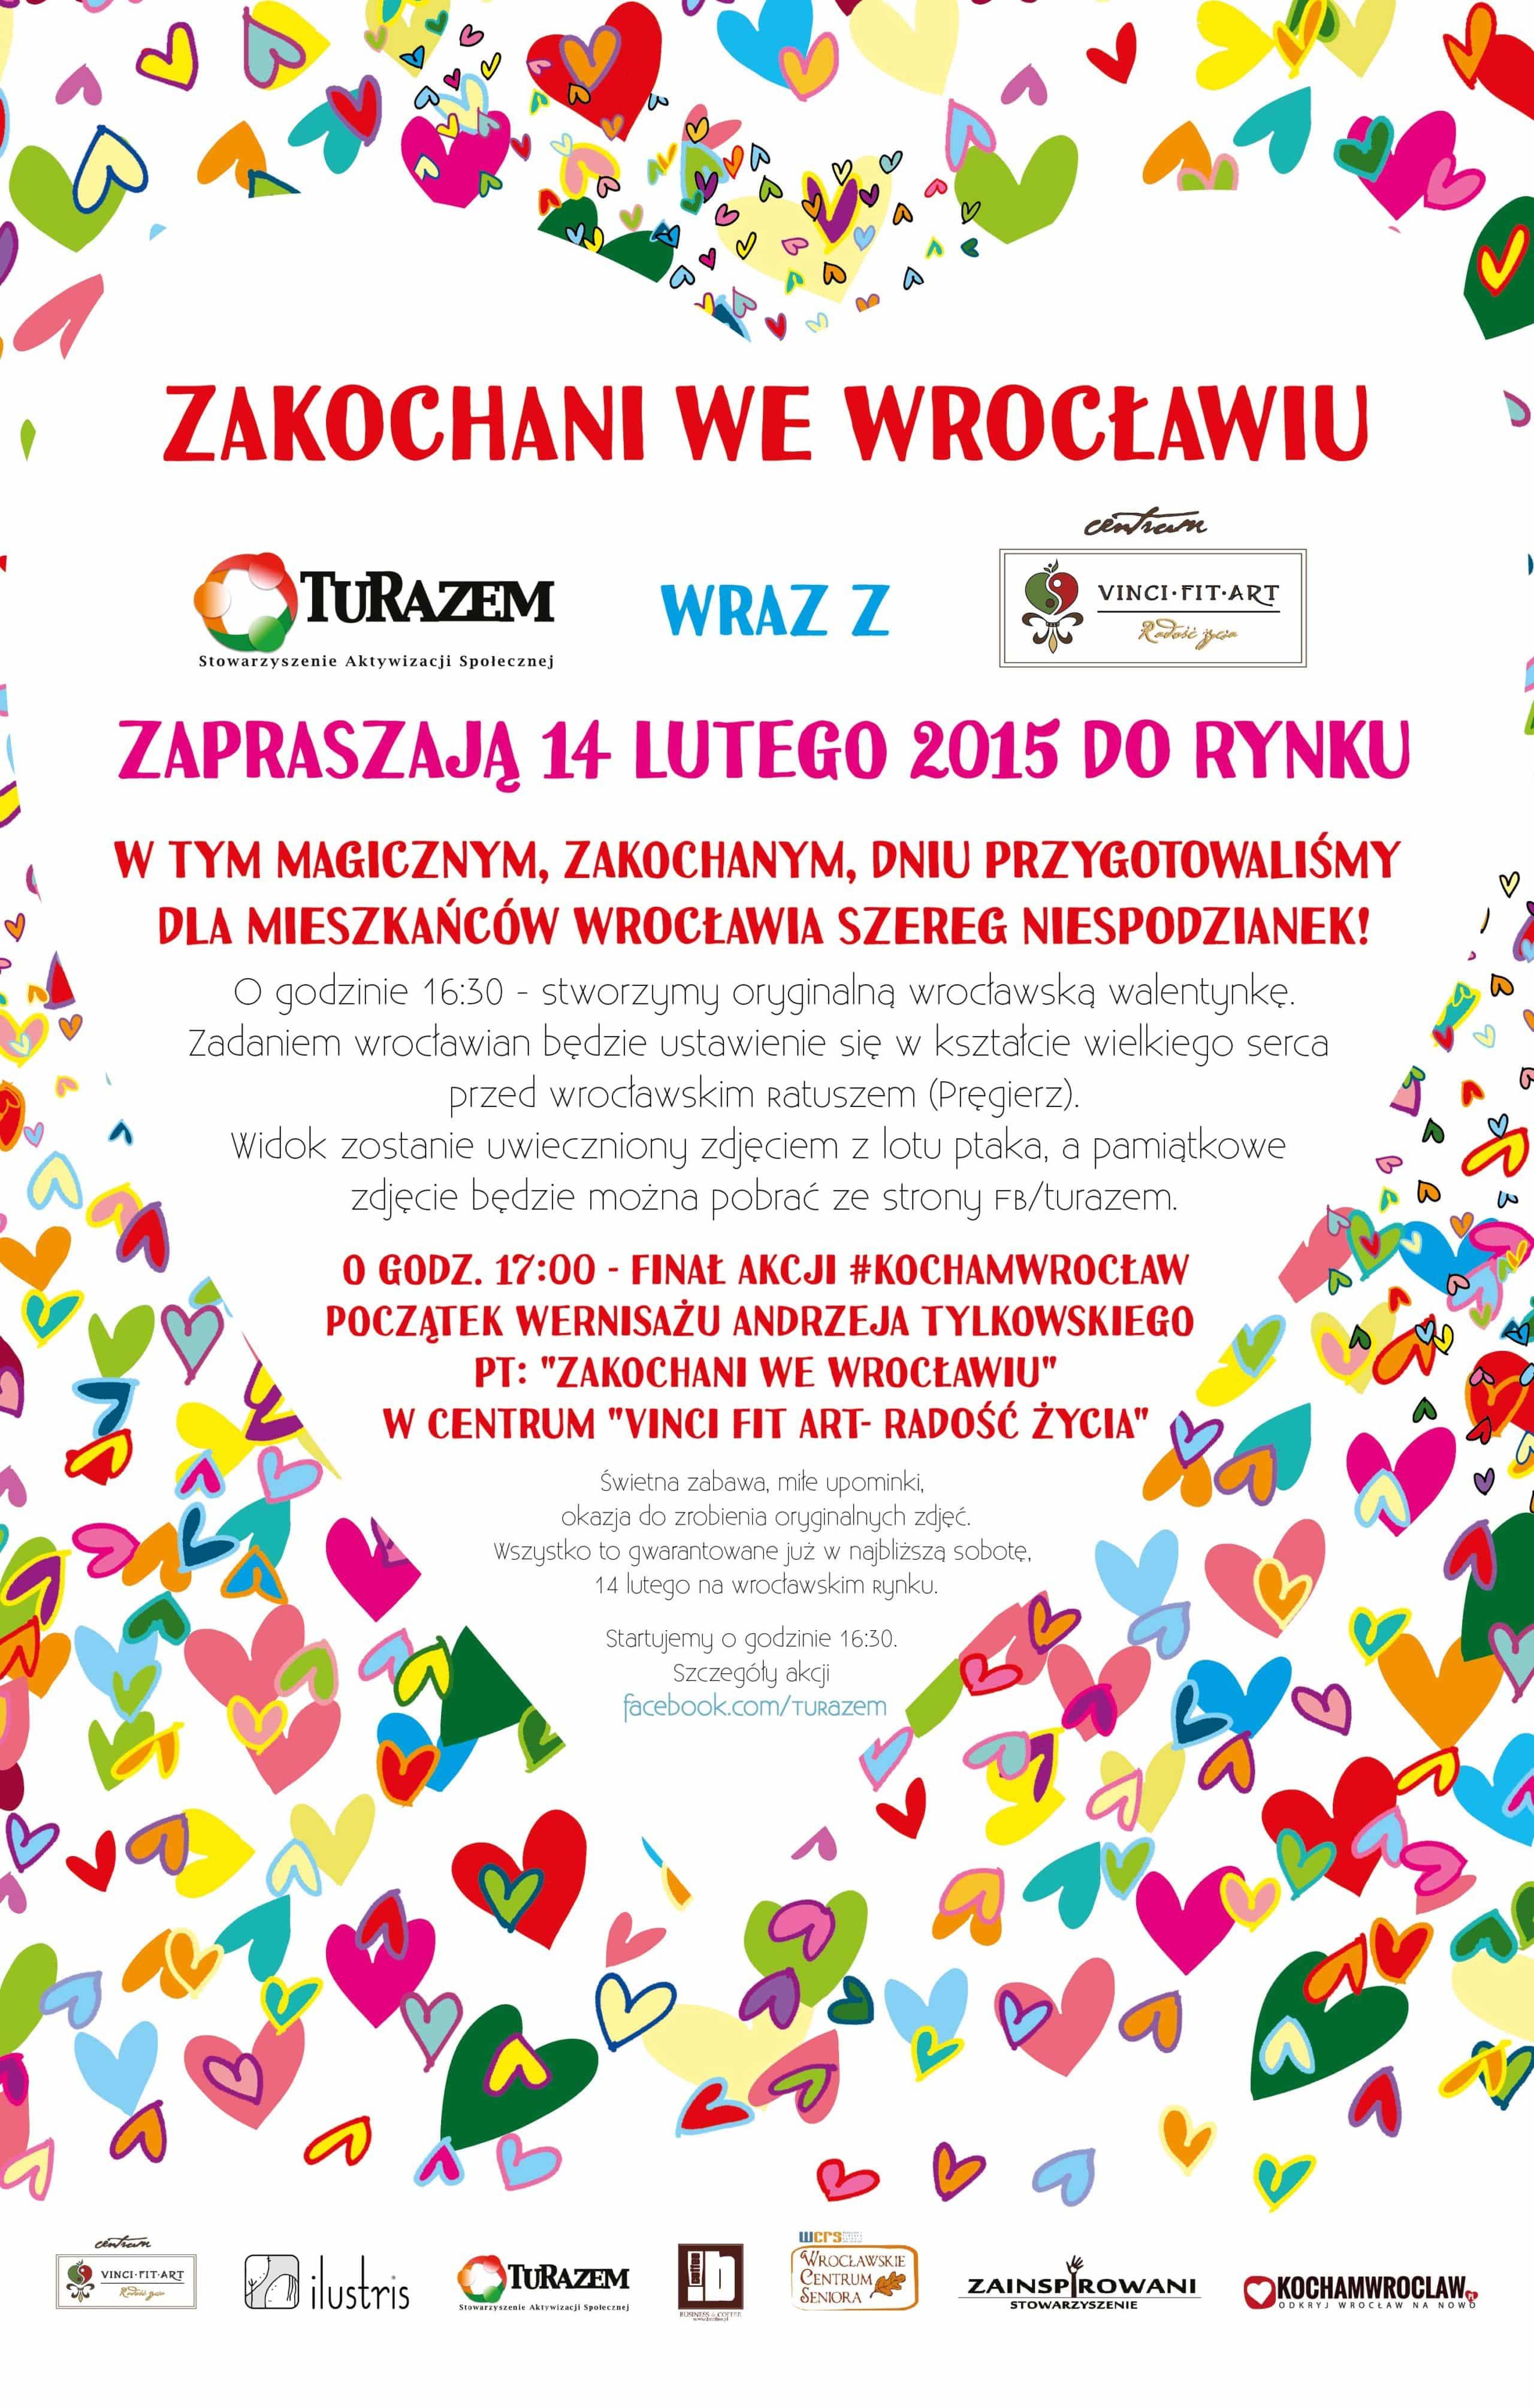 Zakochany Wroclaw